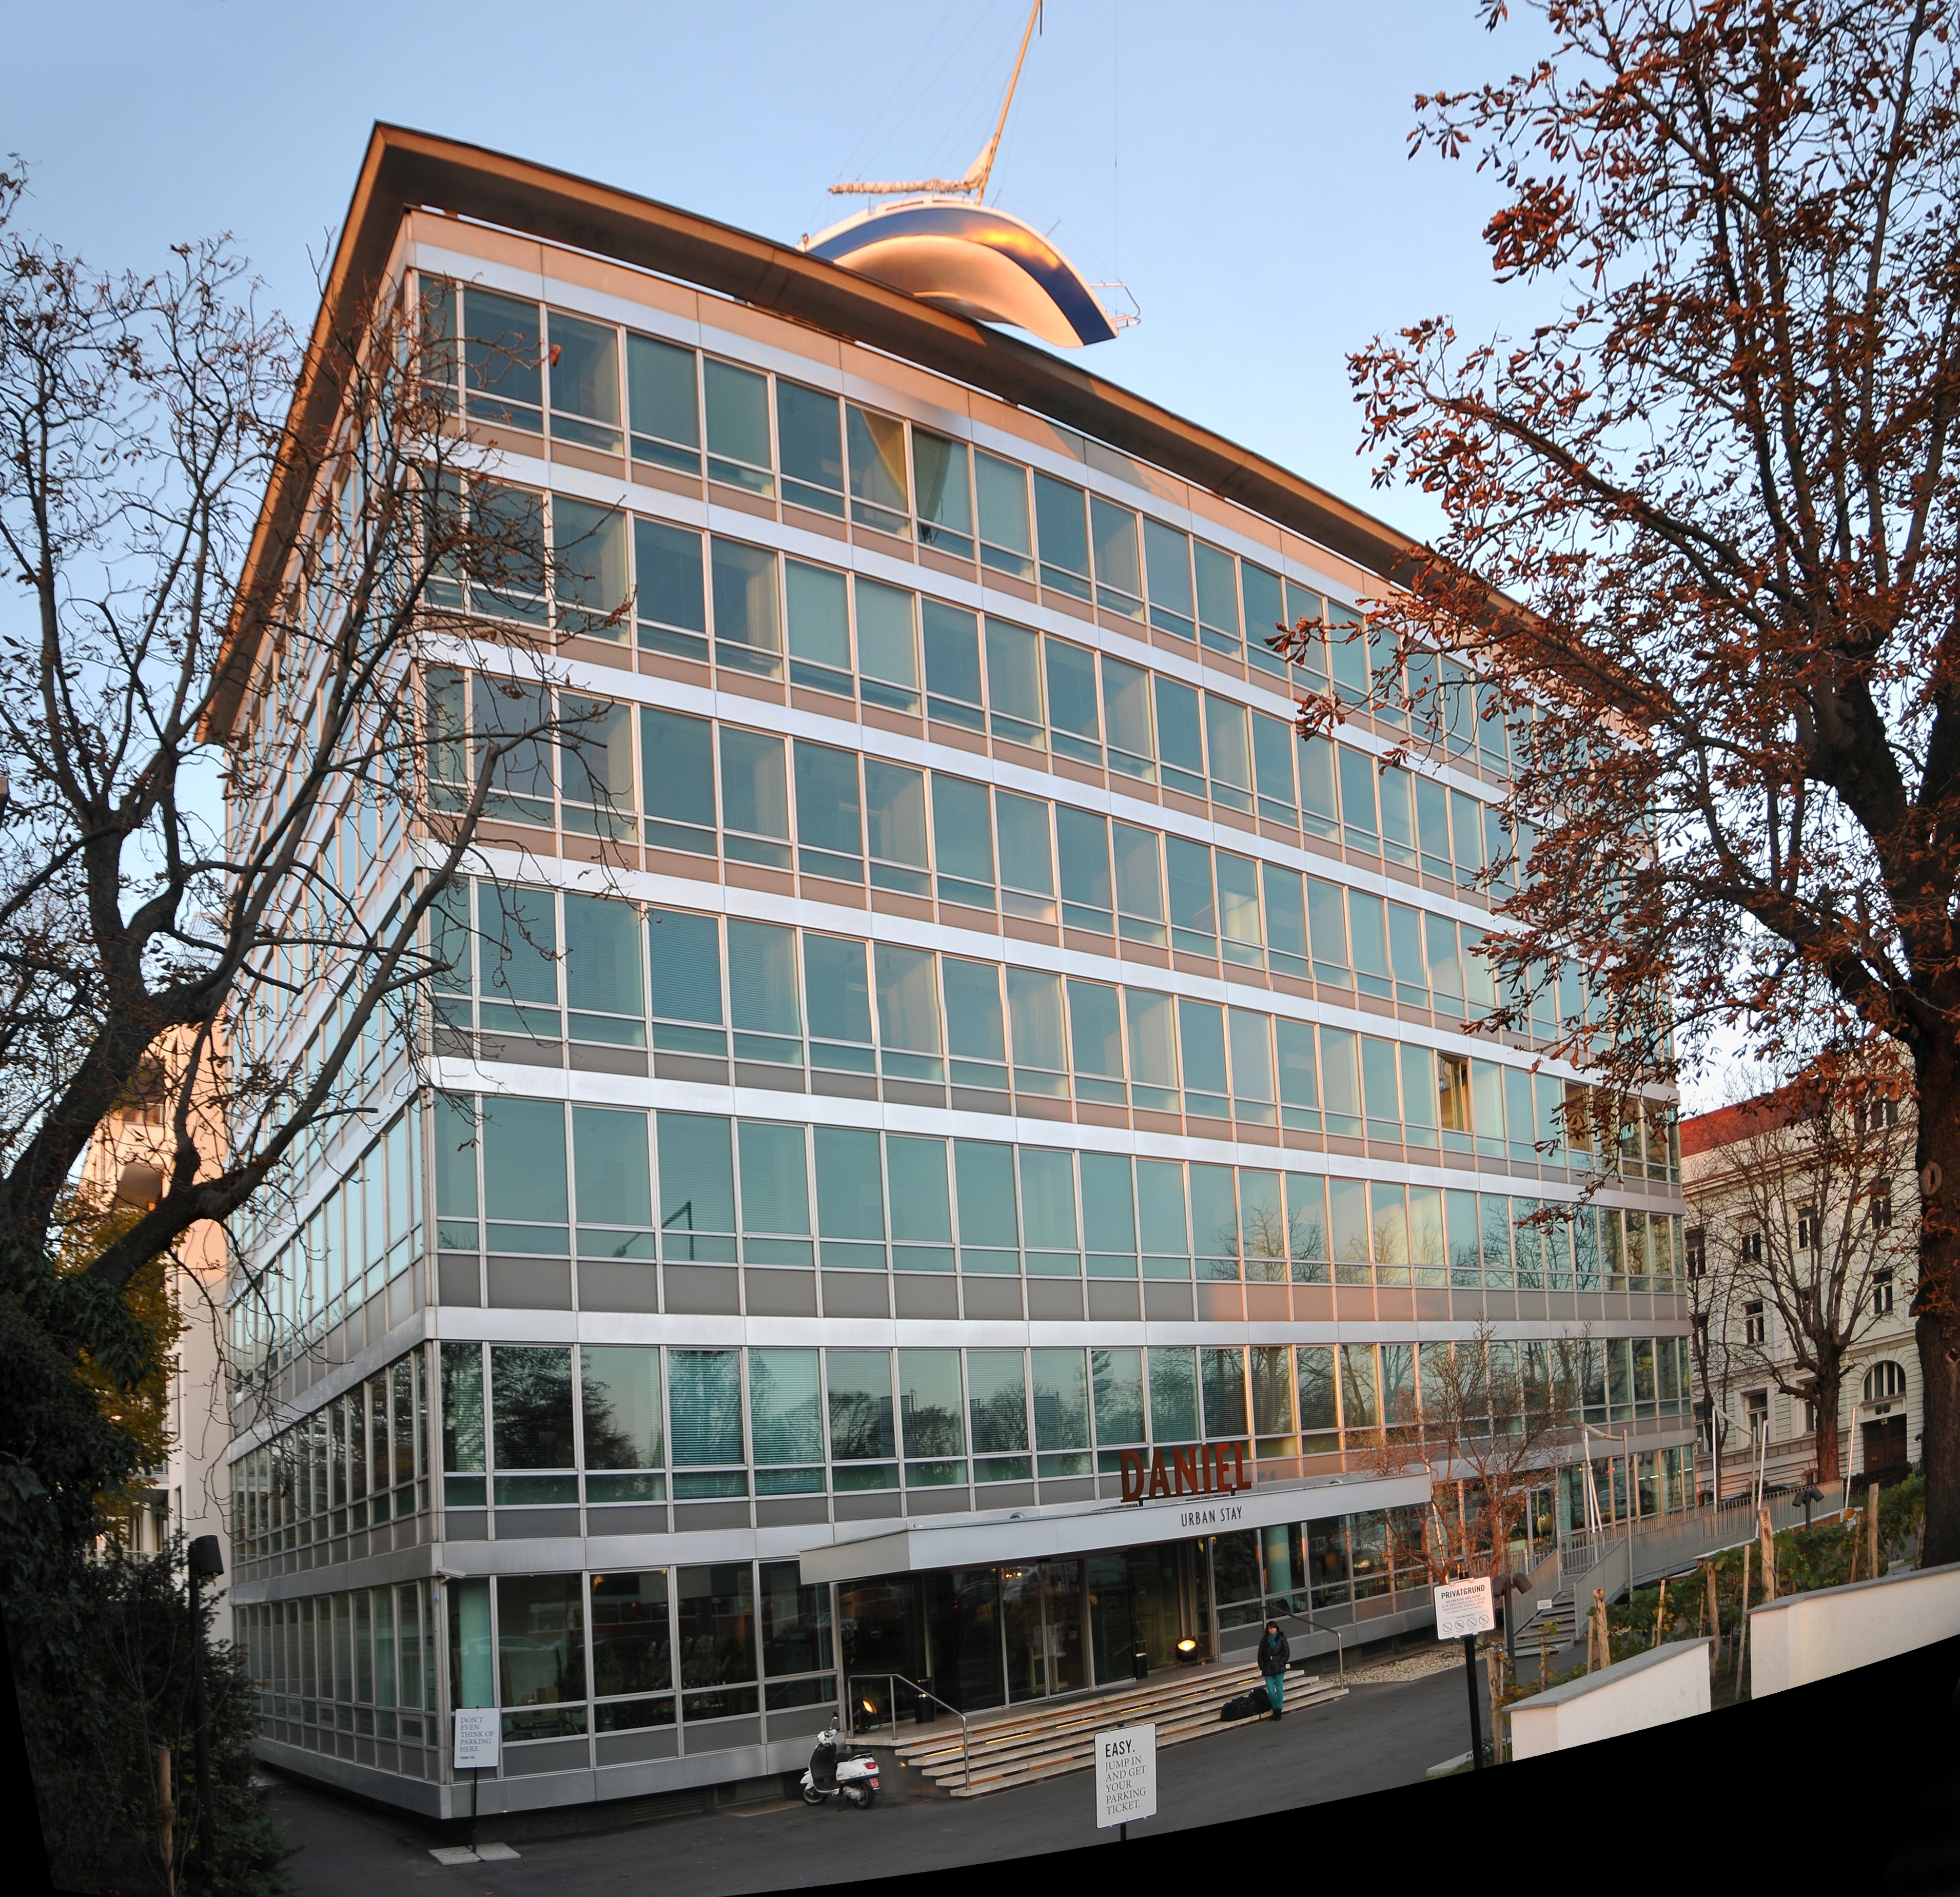 Hotel Daniel Vienna Landstra Ef Bf Bder Gurtel   Wien